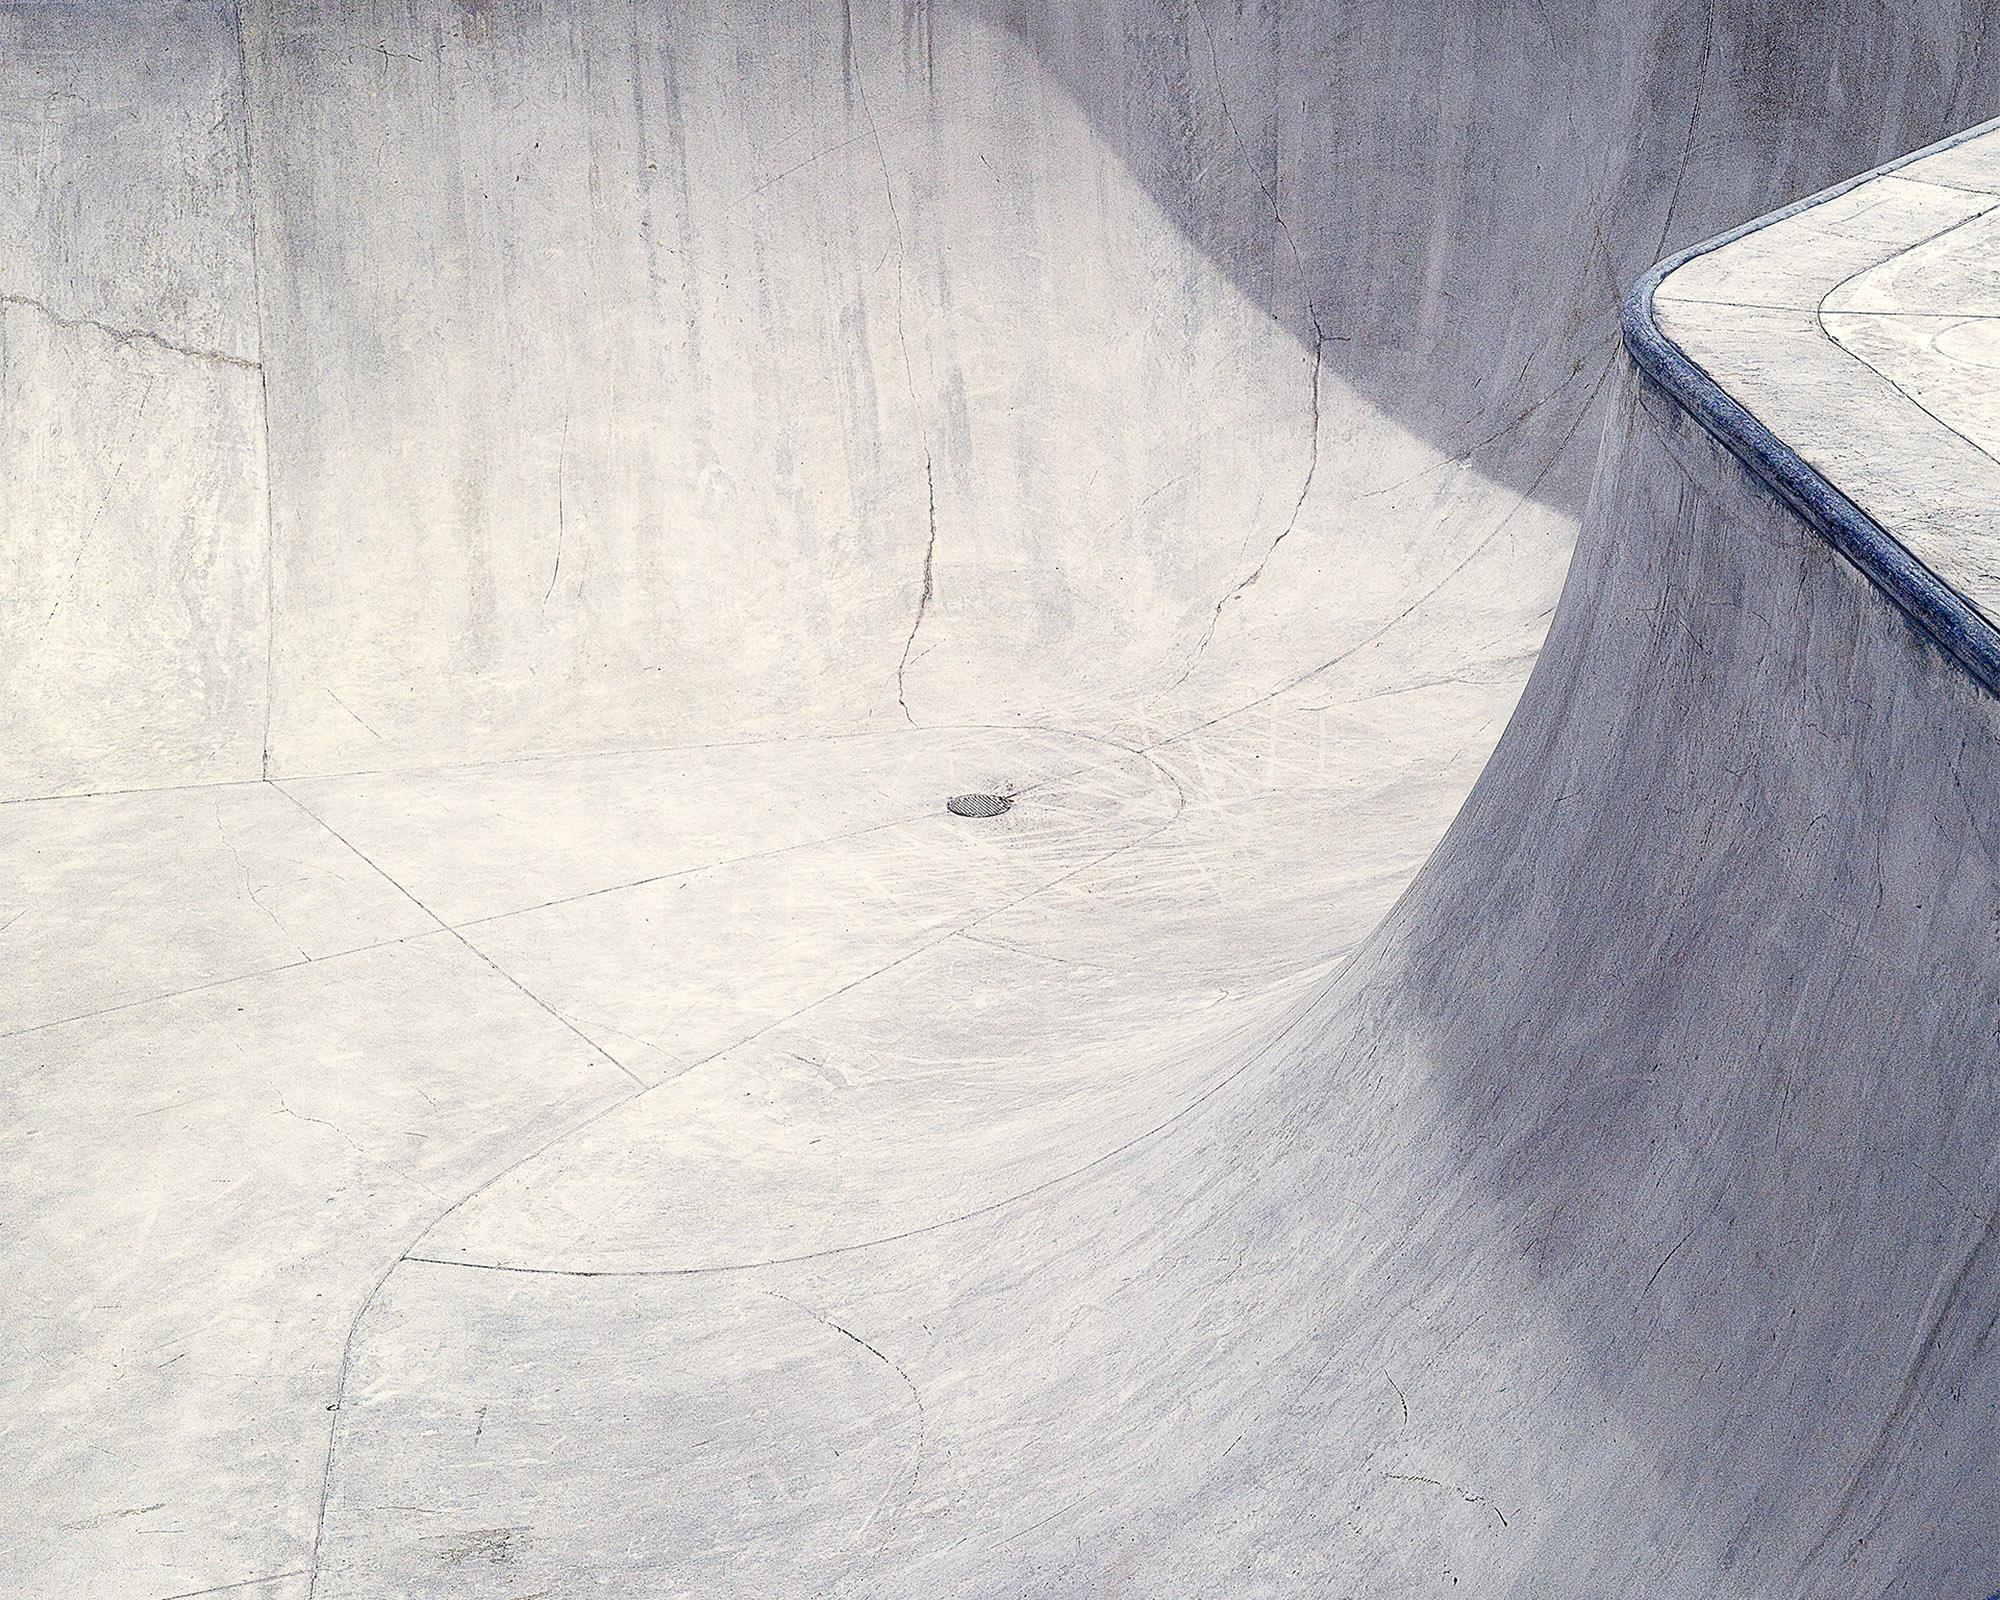 Skatepark_3.jpg